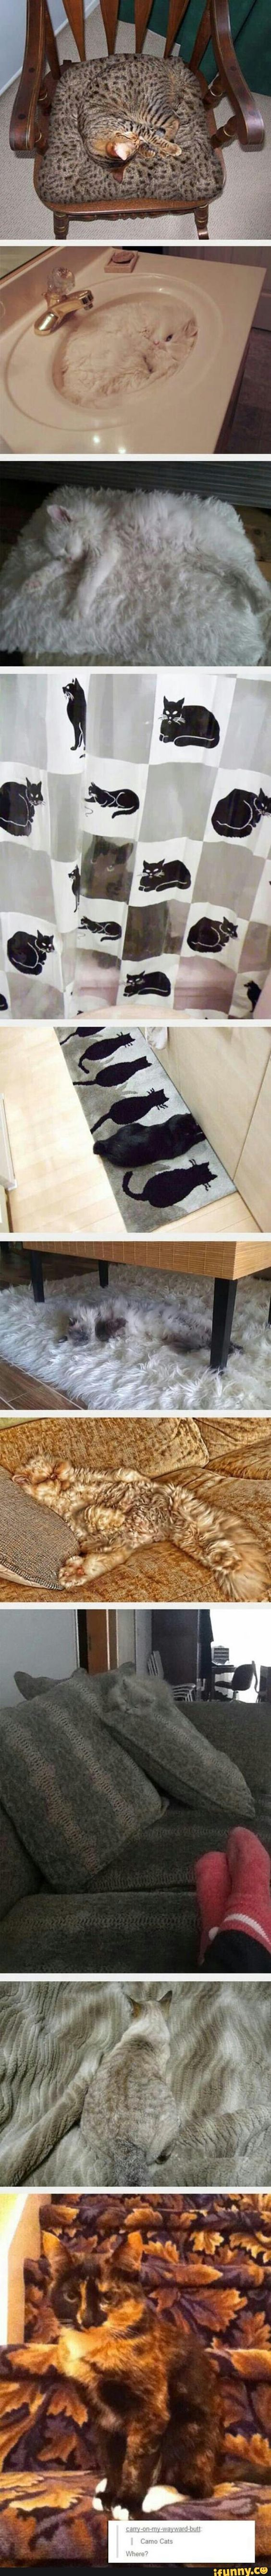 camoflauge, cats, magic: